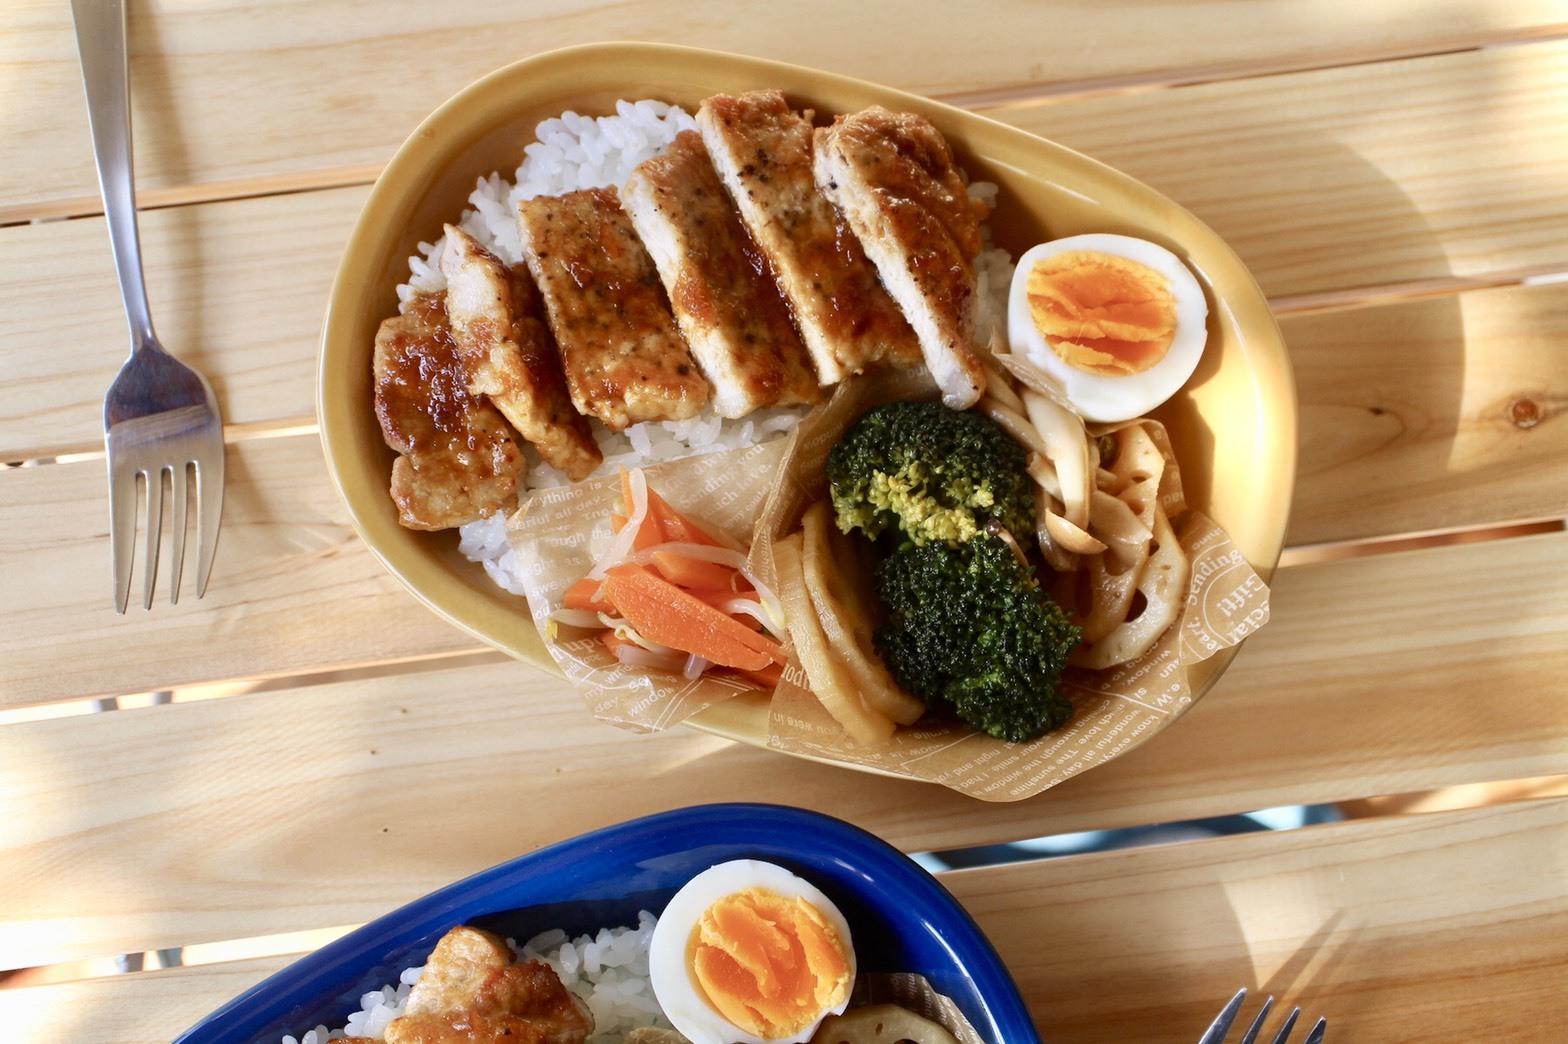 豚ロース肉の味噌 玉ねぎダレ丼弁当_f0220354_17452195.jpeg